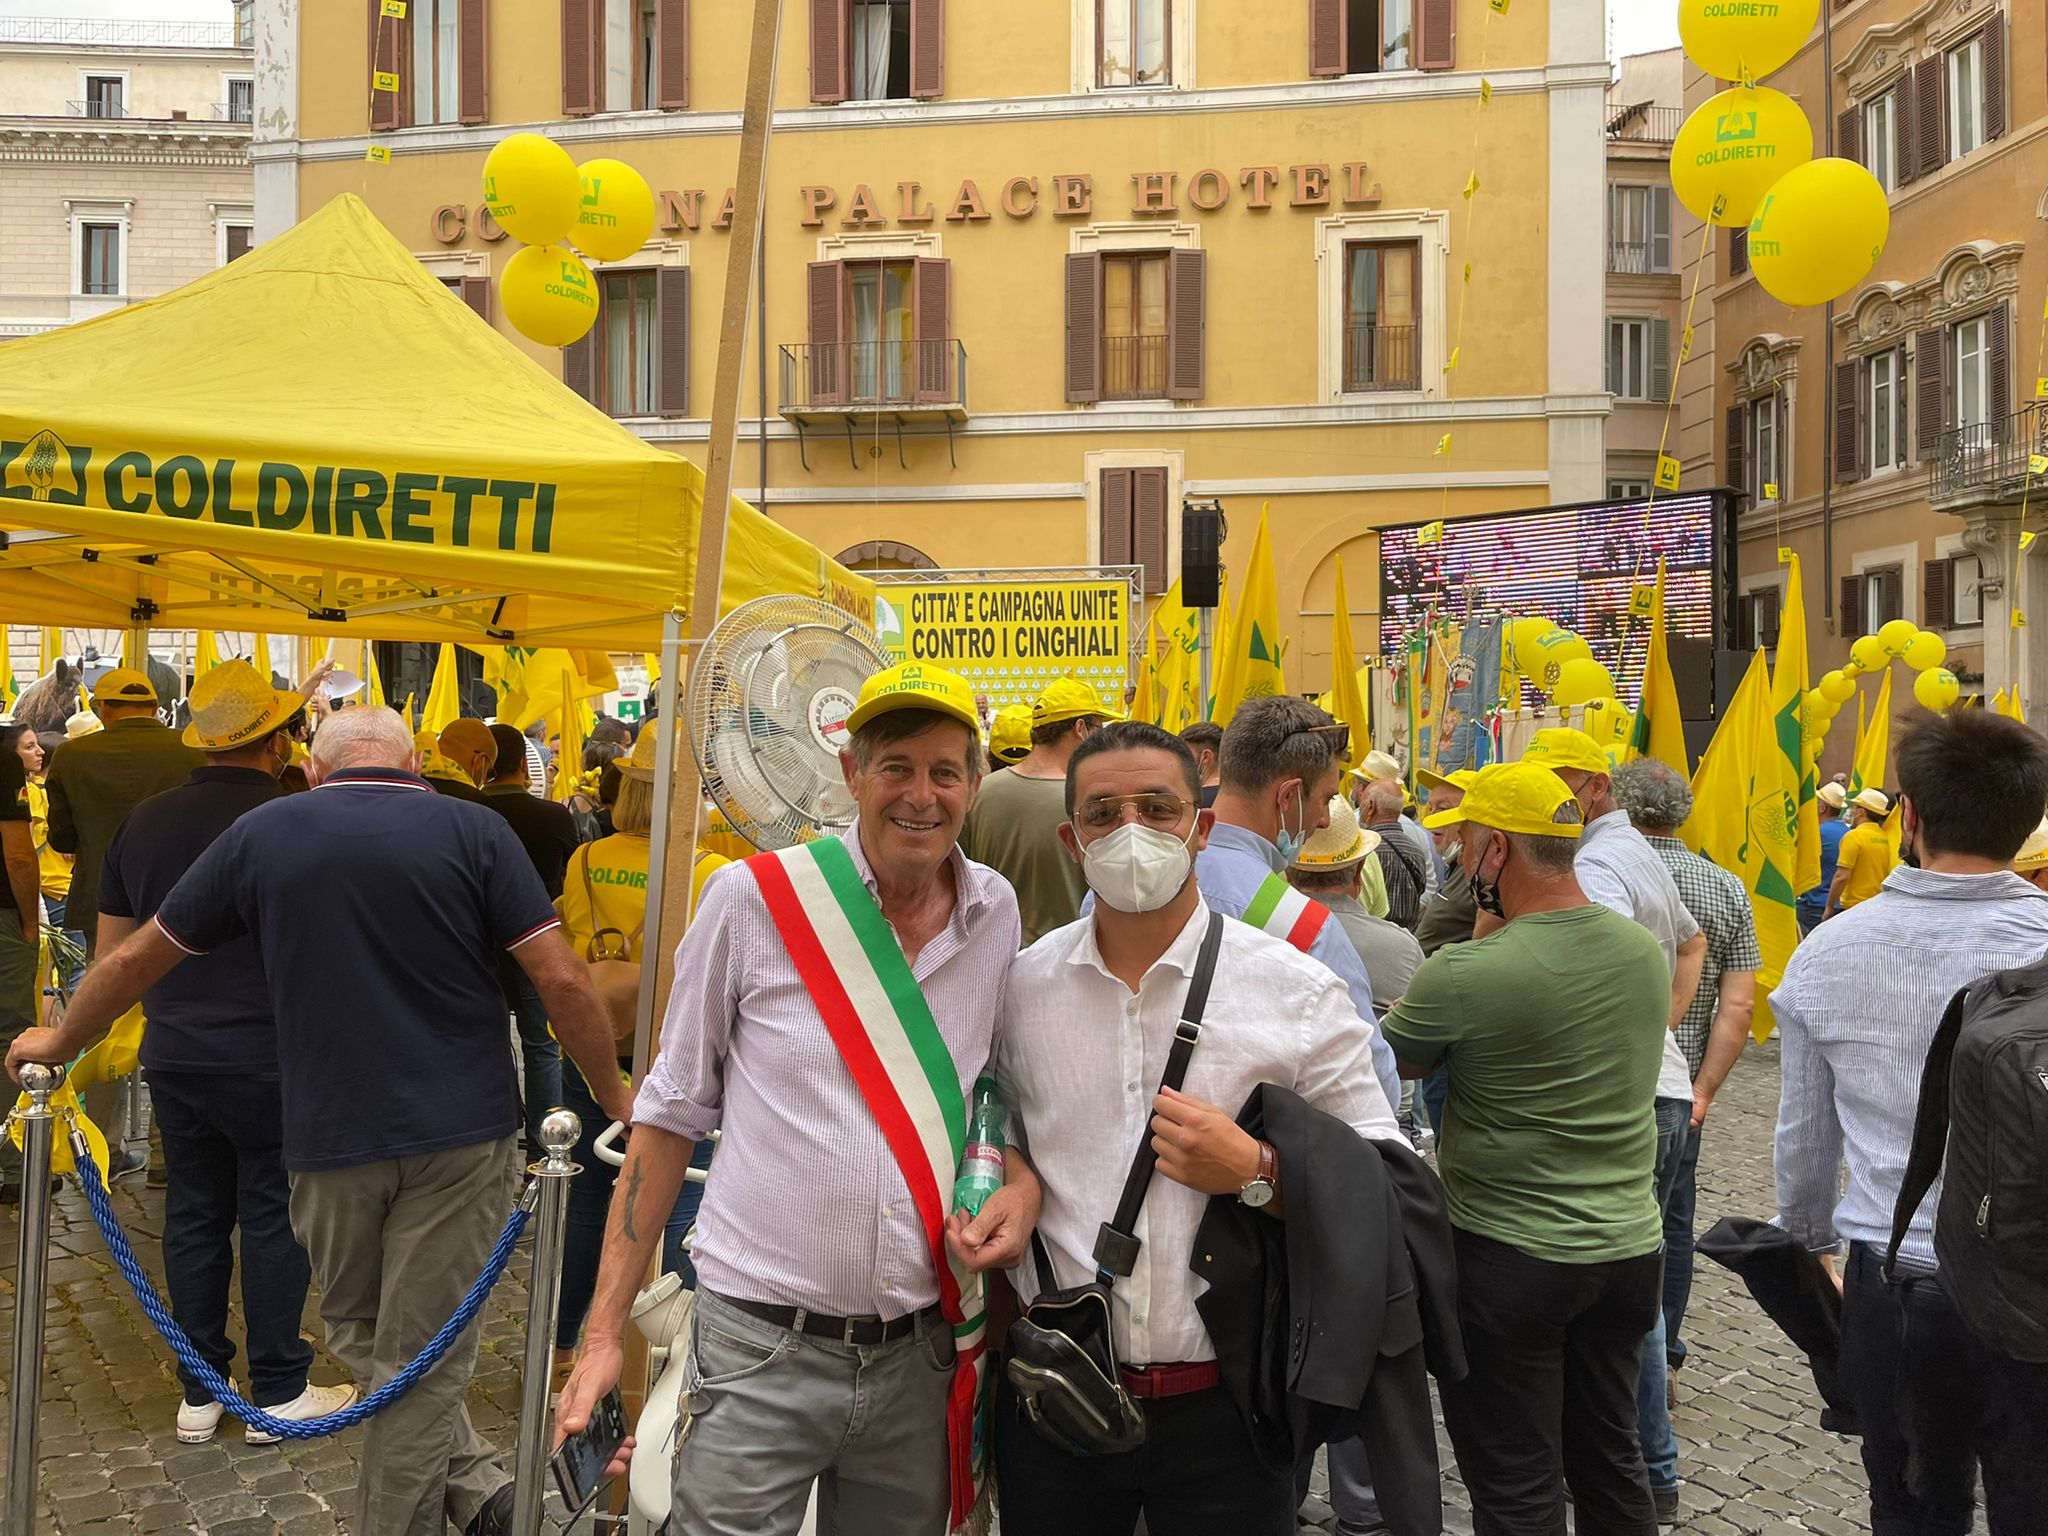 FRATELLI D'ITALIA VICINO A COLDIRETTI CONTRO I DANNI DA CINGHIALE